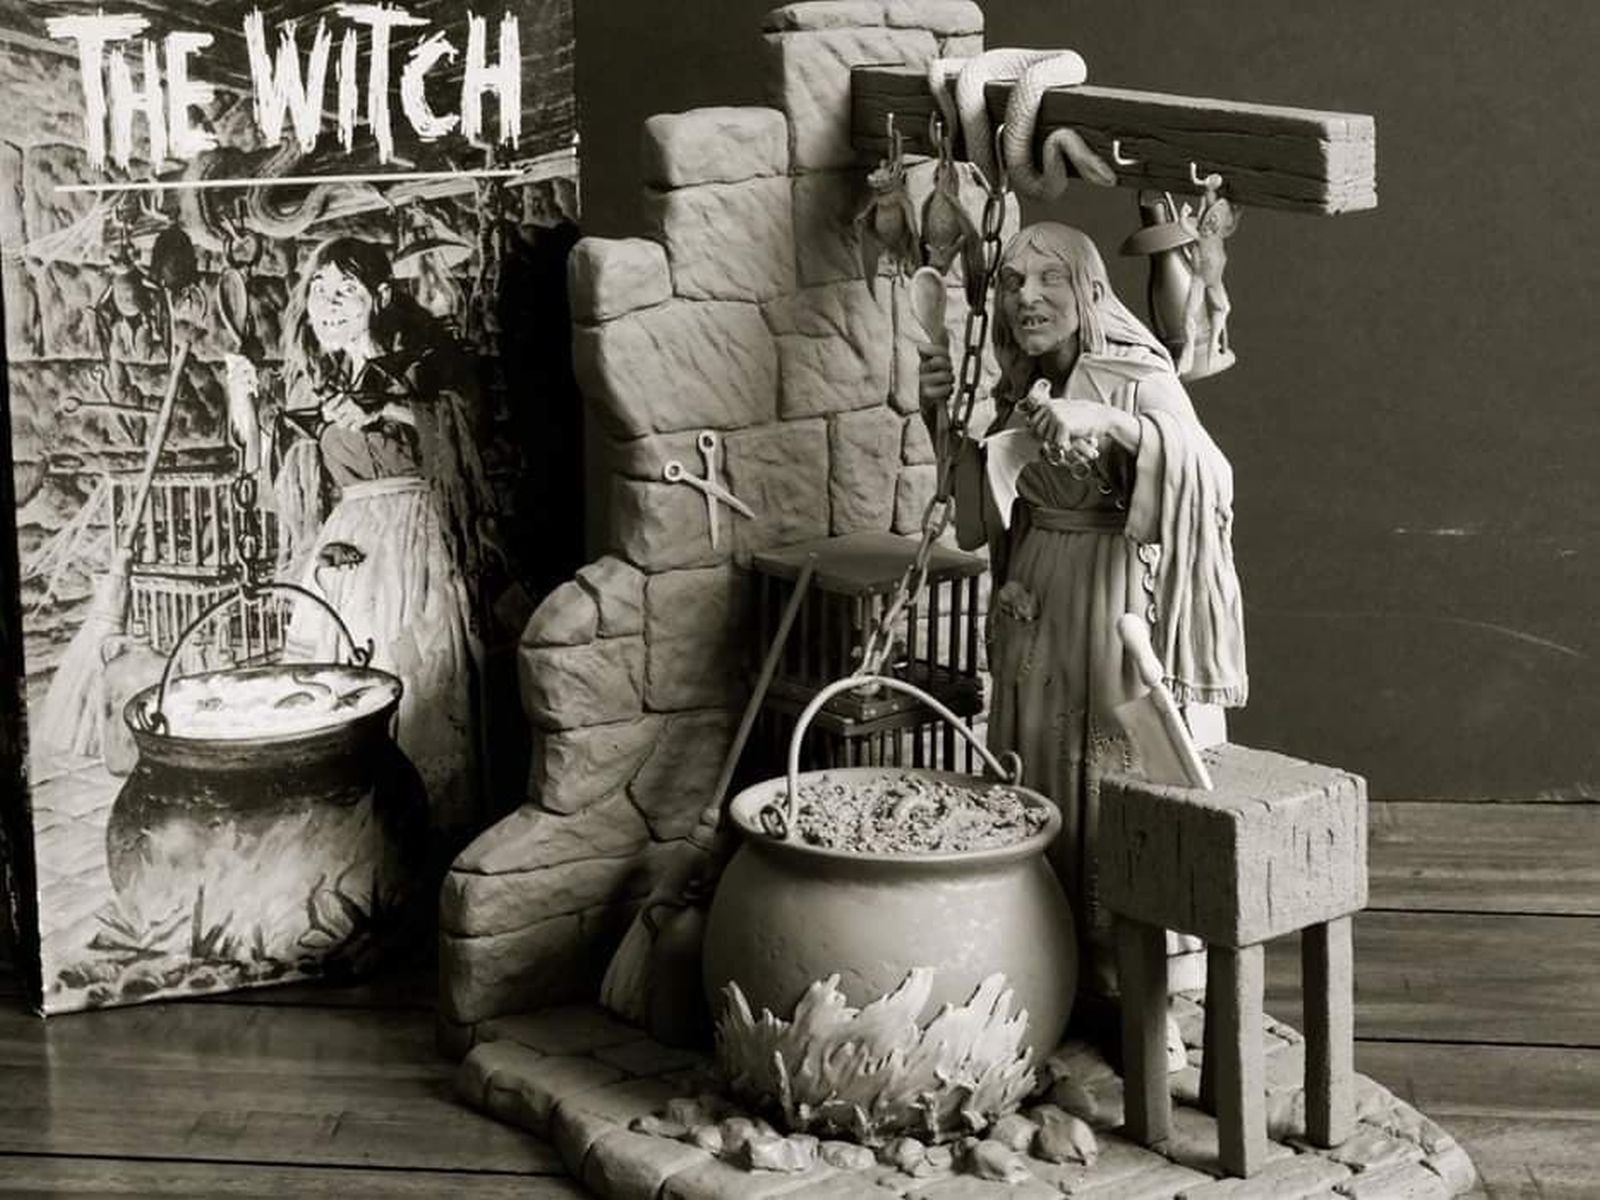 witch-kit-002.jpg